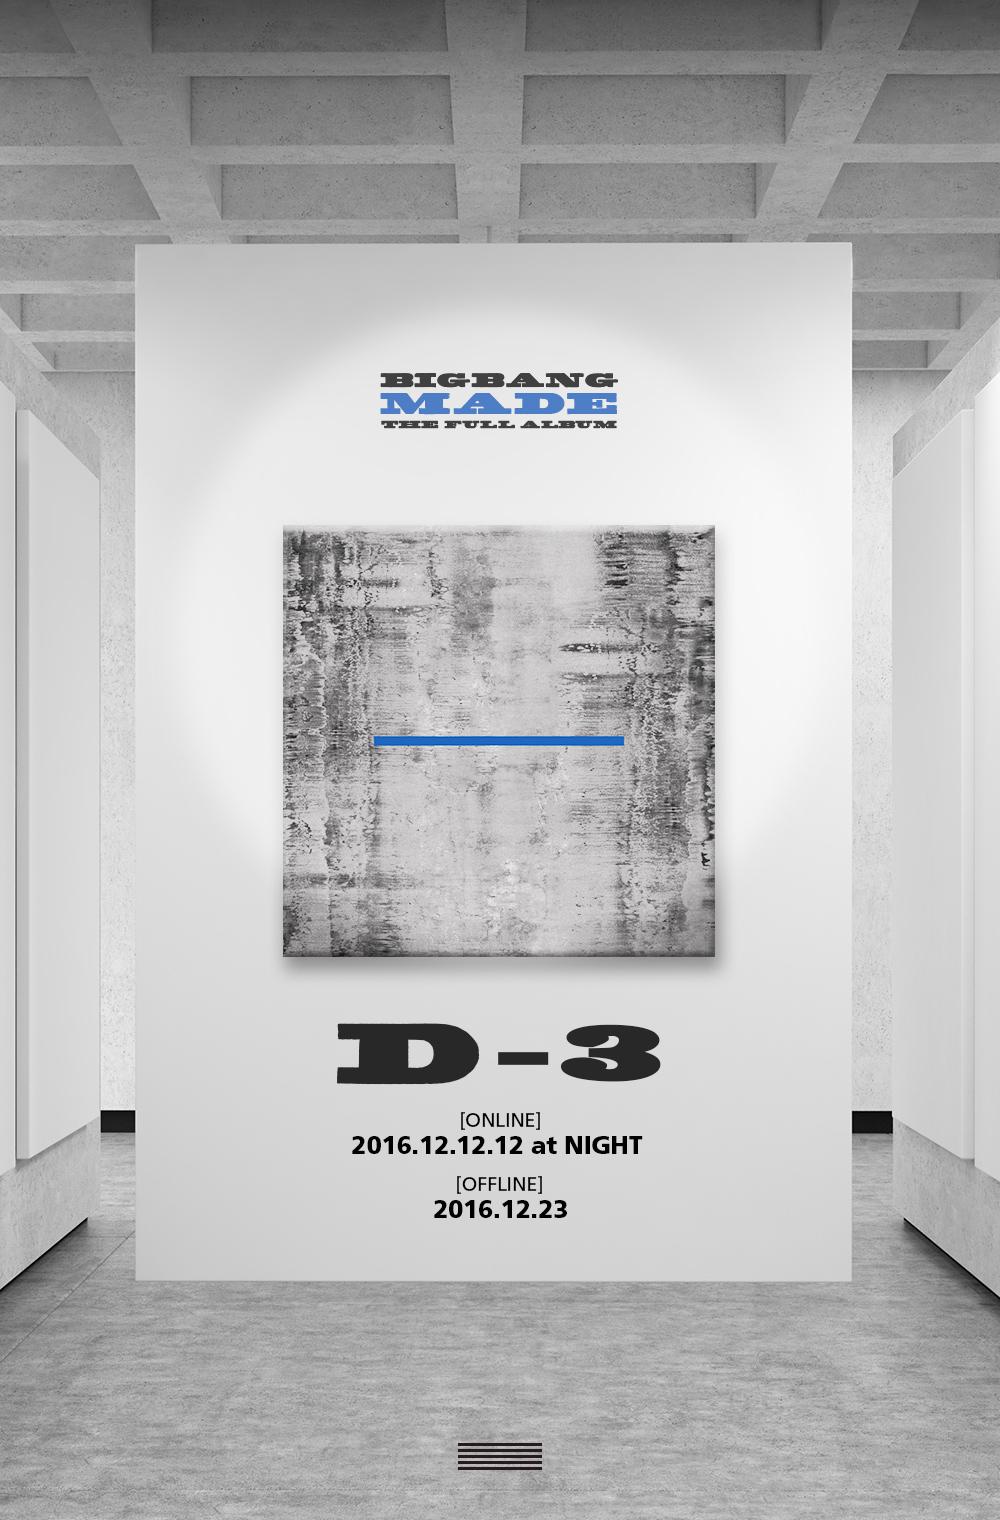 【博狗扑克】BIGBANG回归倒计时D-3!《FXXK IT》预告公开